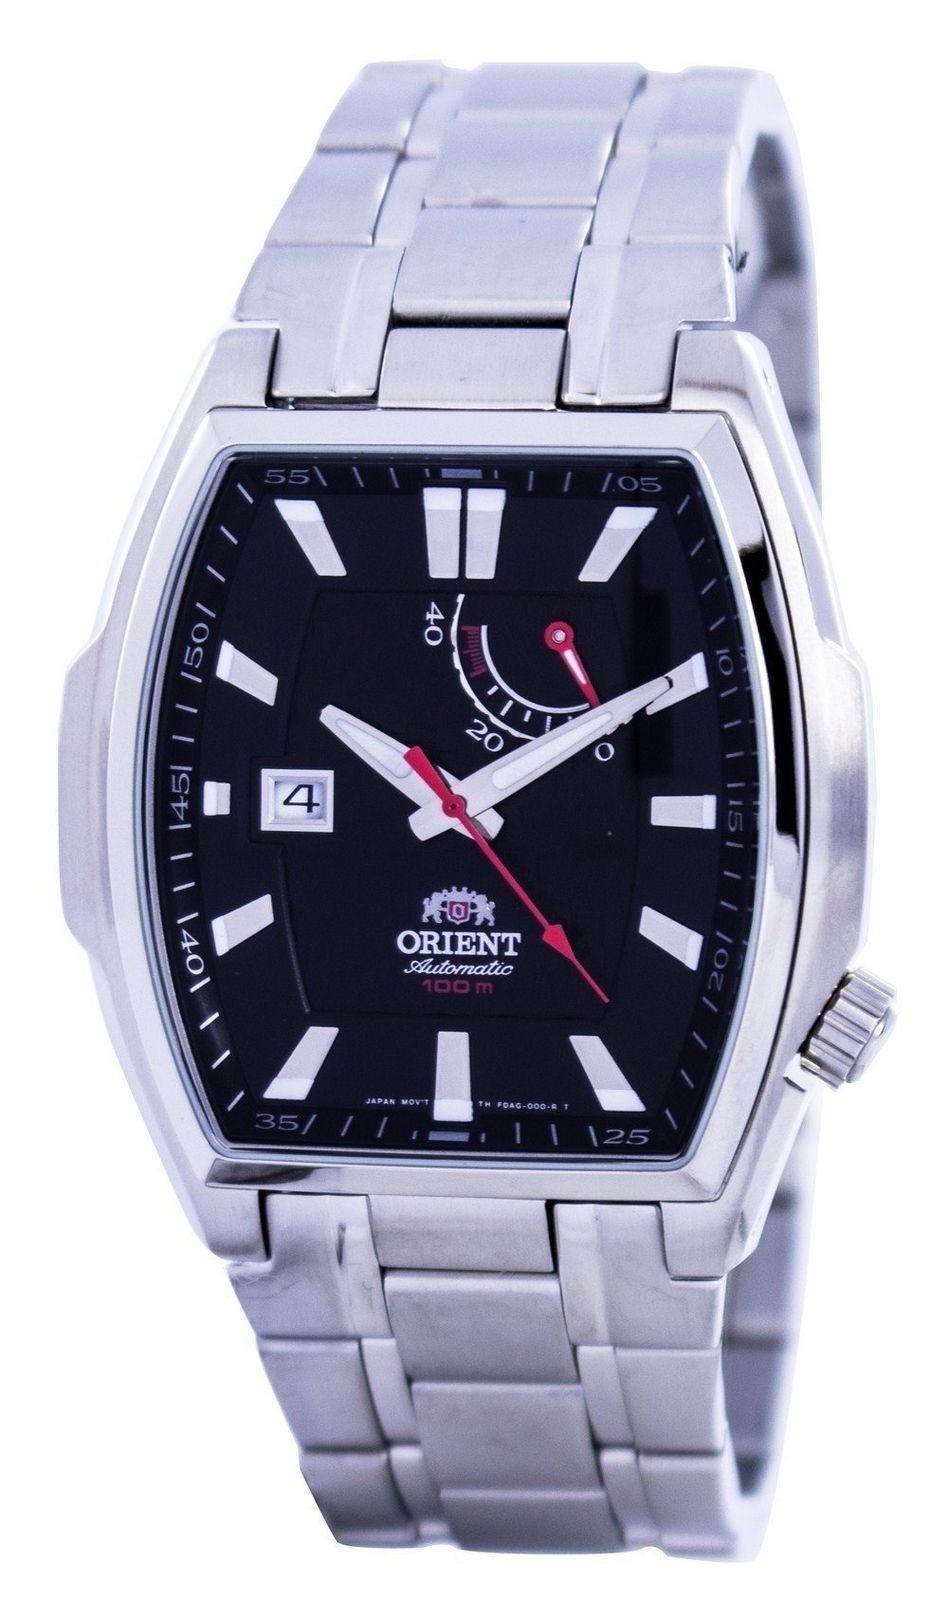 นาฬิกาผู้ชาย Orient รุ่น FFDAG004B0, Automatic Power Reserve